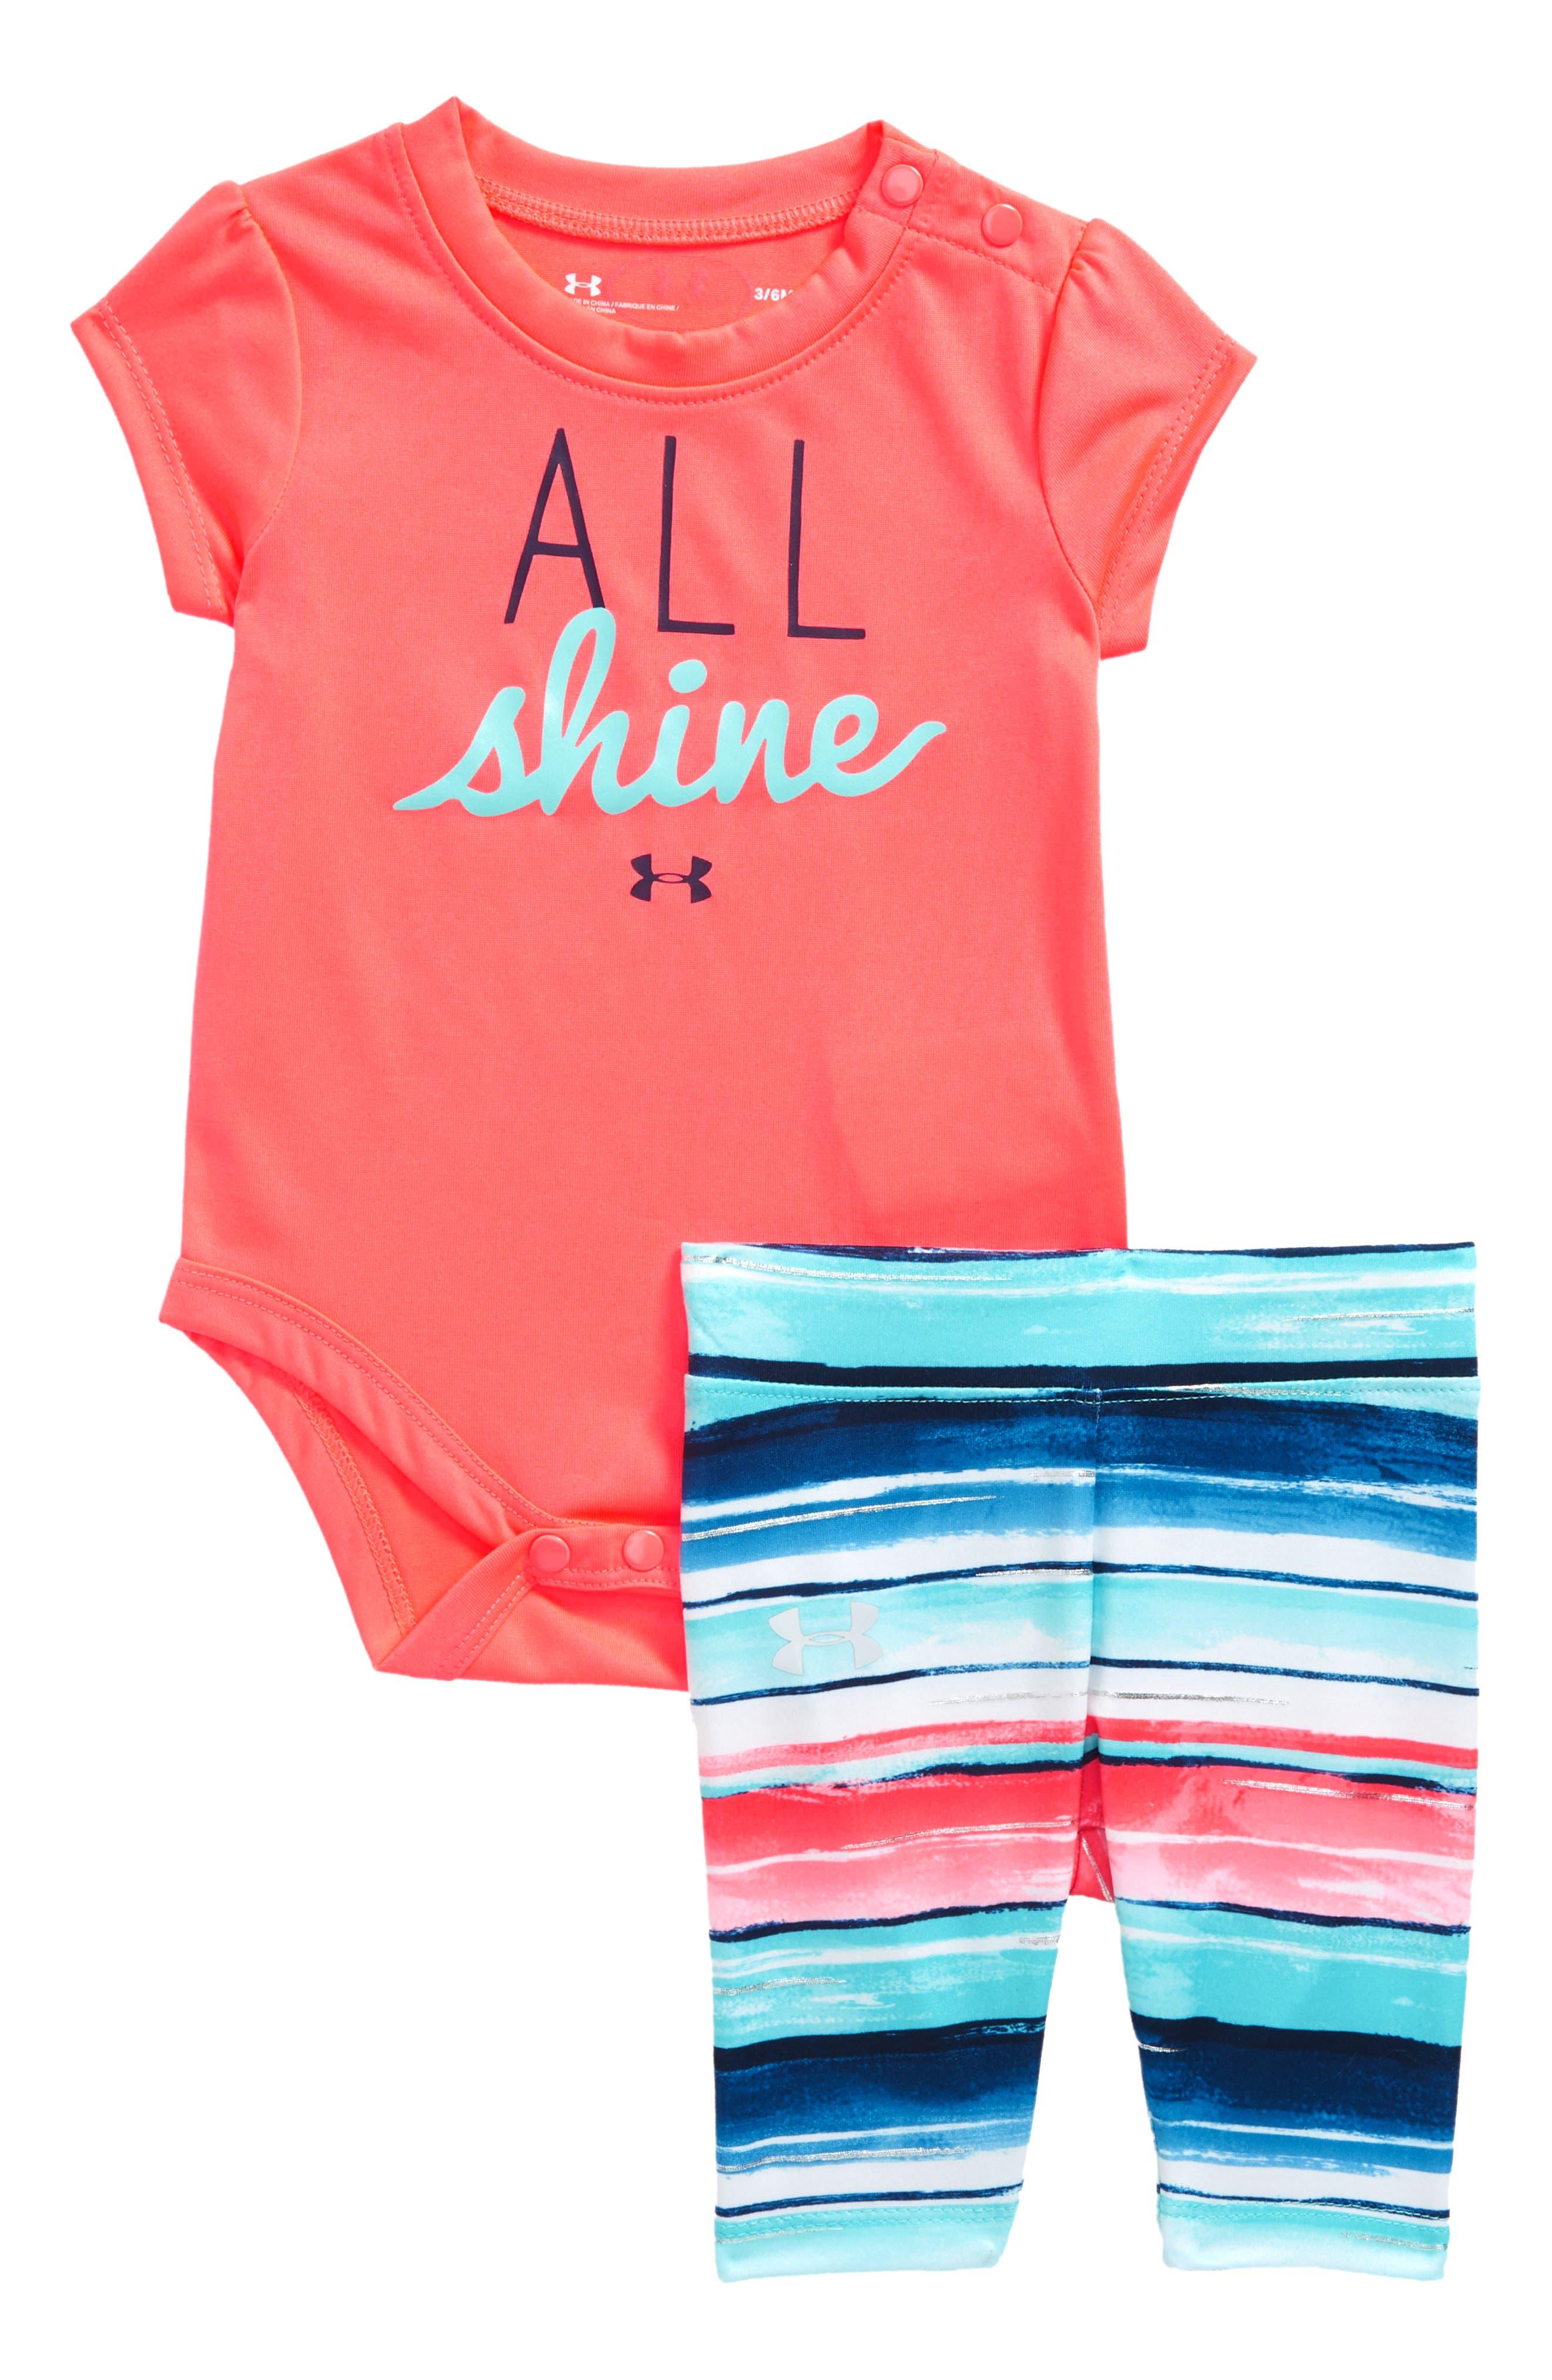 Alternate Image 1 Selected - Under Armour All Shine Bodysuit & Leggings Set (Baby Girls)